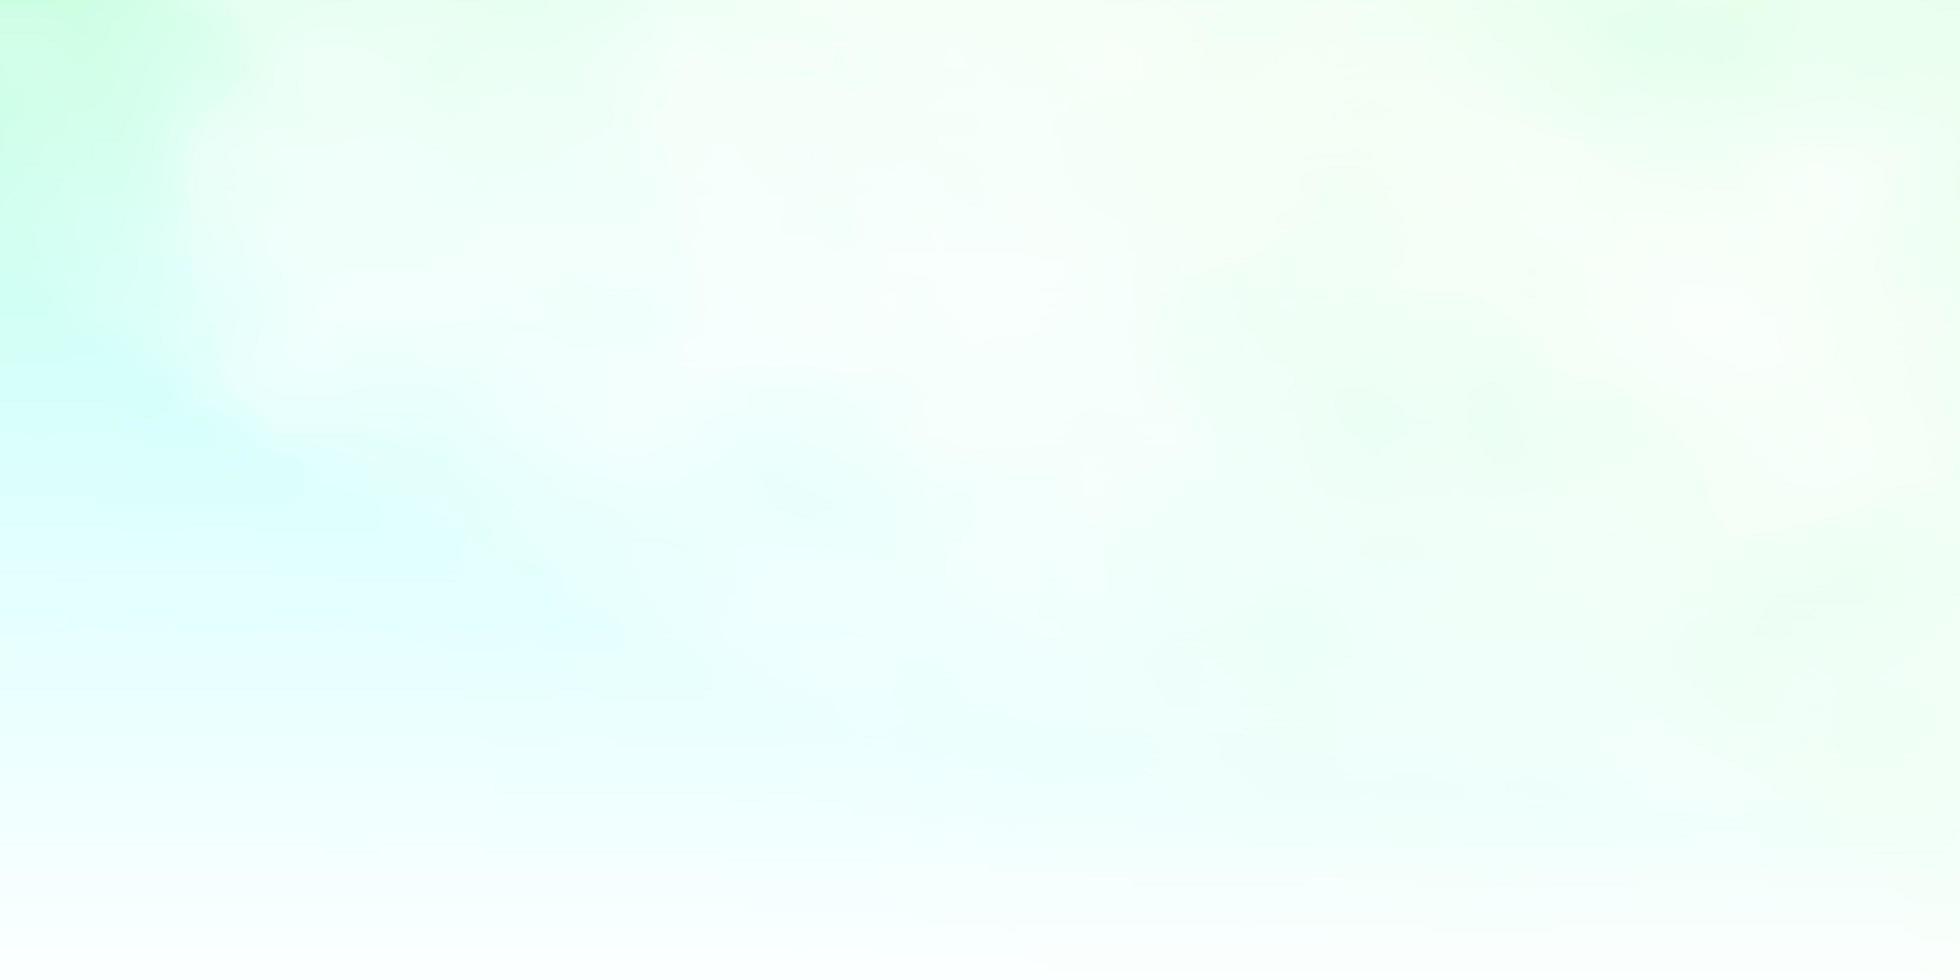 ljusgrön vektorbakgrund med moln. vektor